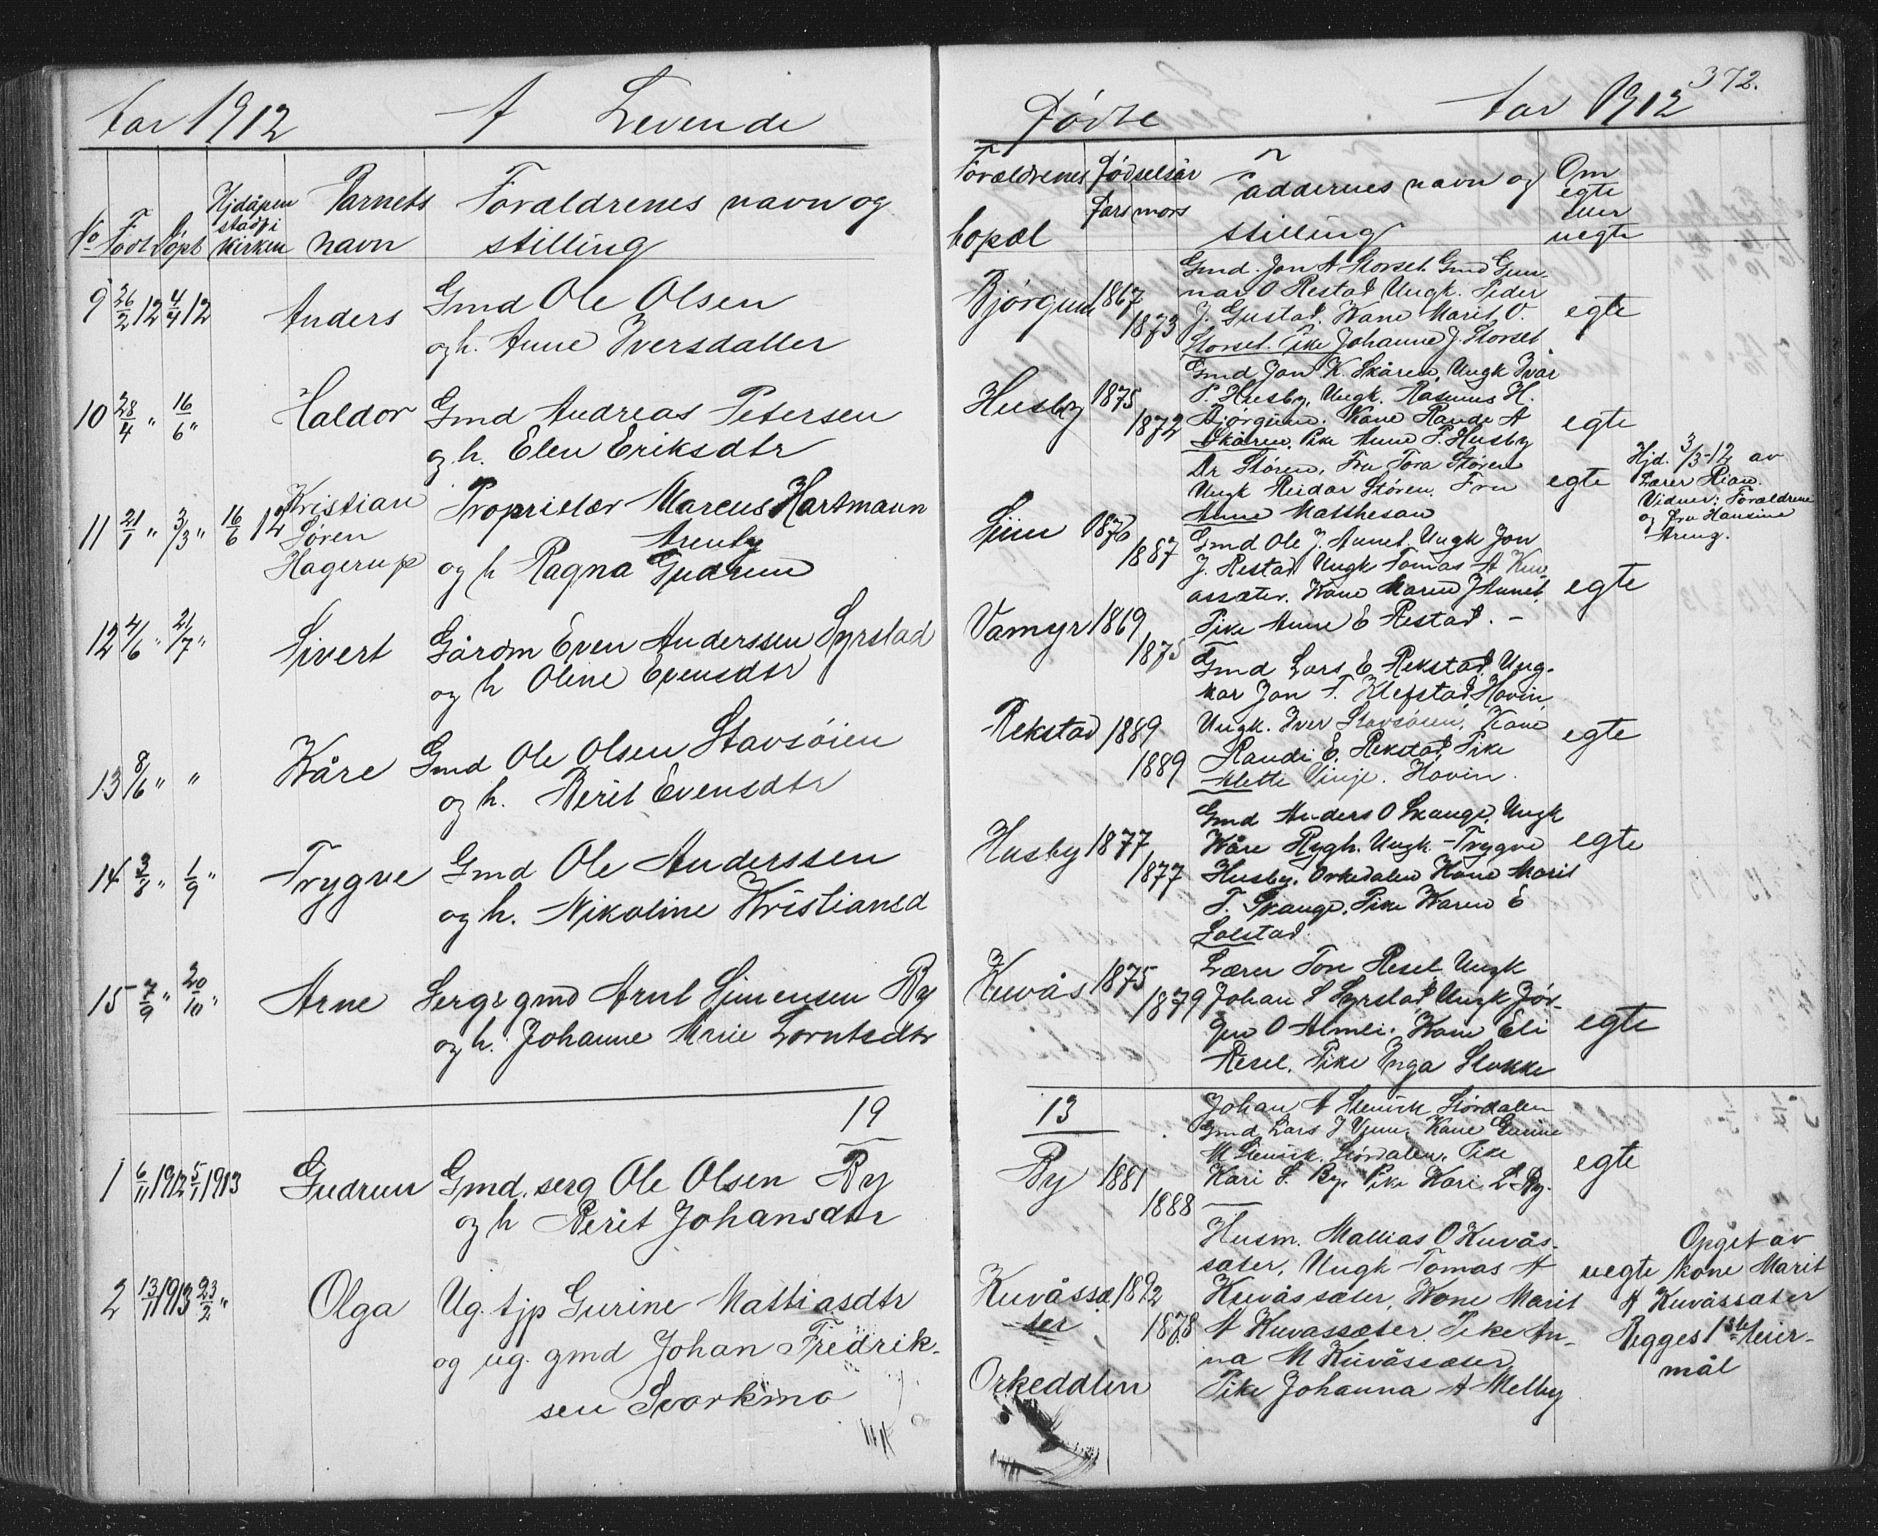 SAT, Ministerialprotokoller, klokkerbøker og fødselsregistre - Sør-Trøndelag, 667/L0798: Klokkerbok nr. 667C03, 1867-1929, s. 372